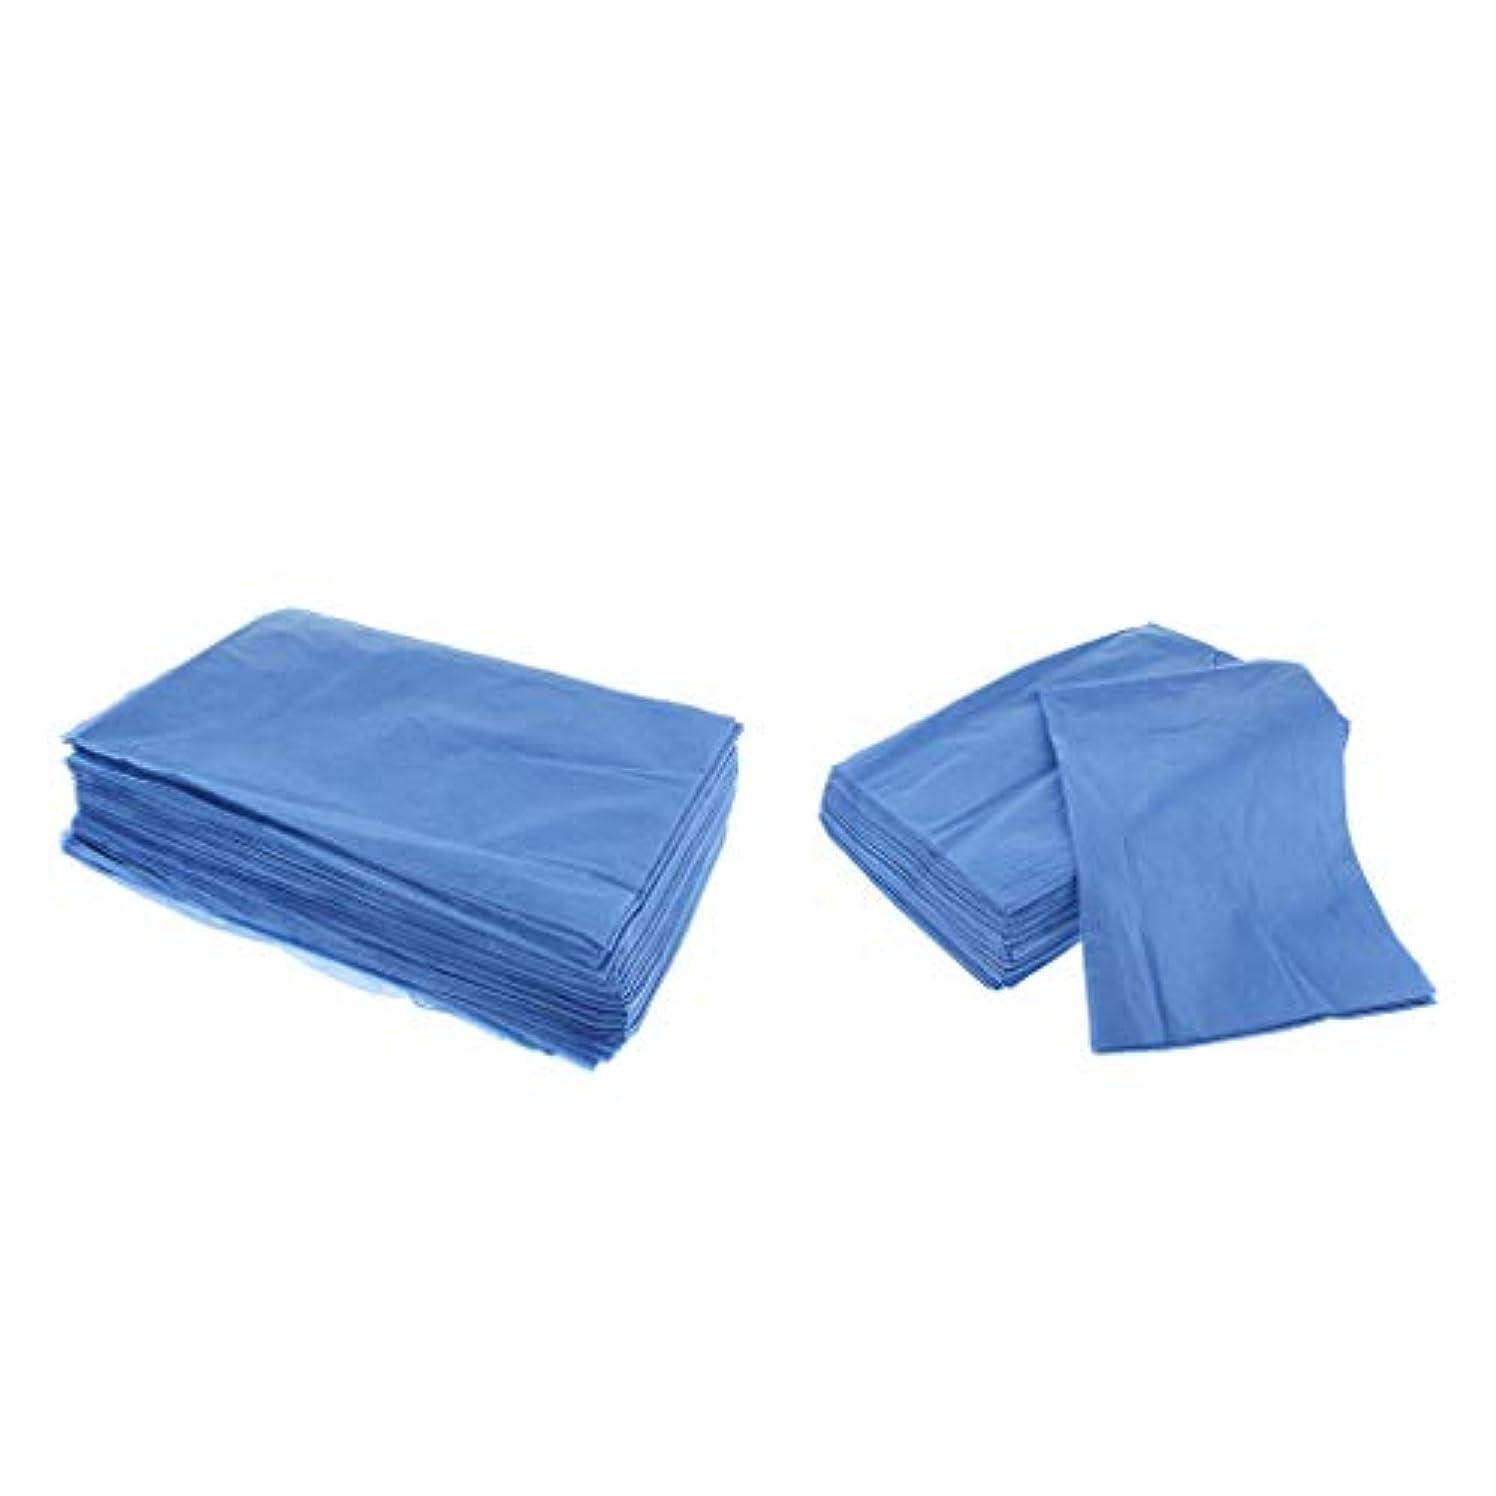 メディカル破壊的なカジュアルdailymall 40ピース使い捨て防水美容マッサージサロンホテルベッドパッドカバーシート-ブルー-31.5 X 70.9インチ